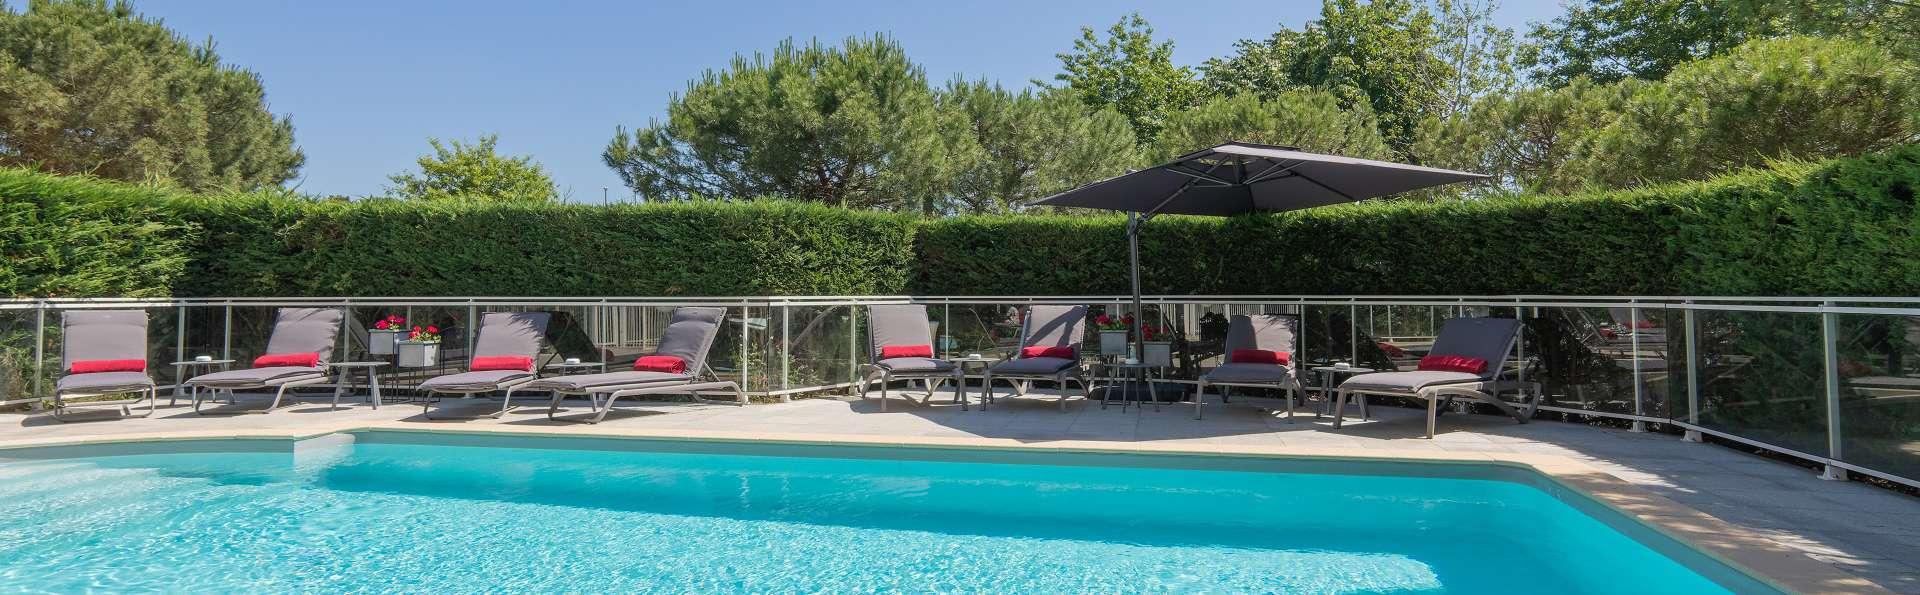 Quality Suites Bordeaux Aéroport & Spa - Piscine.jpg